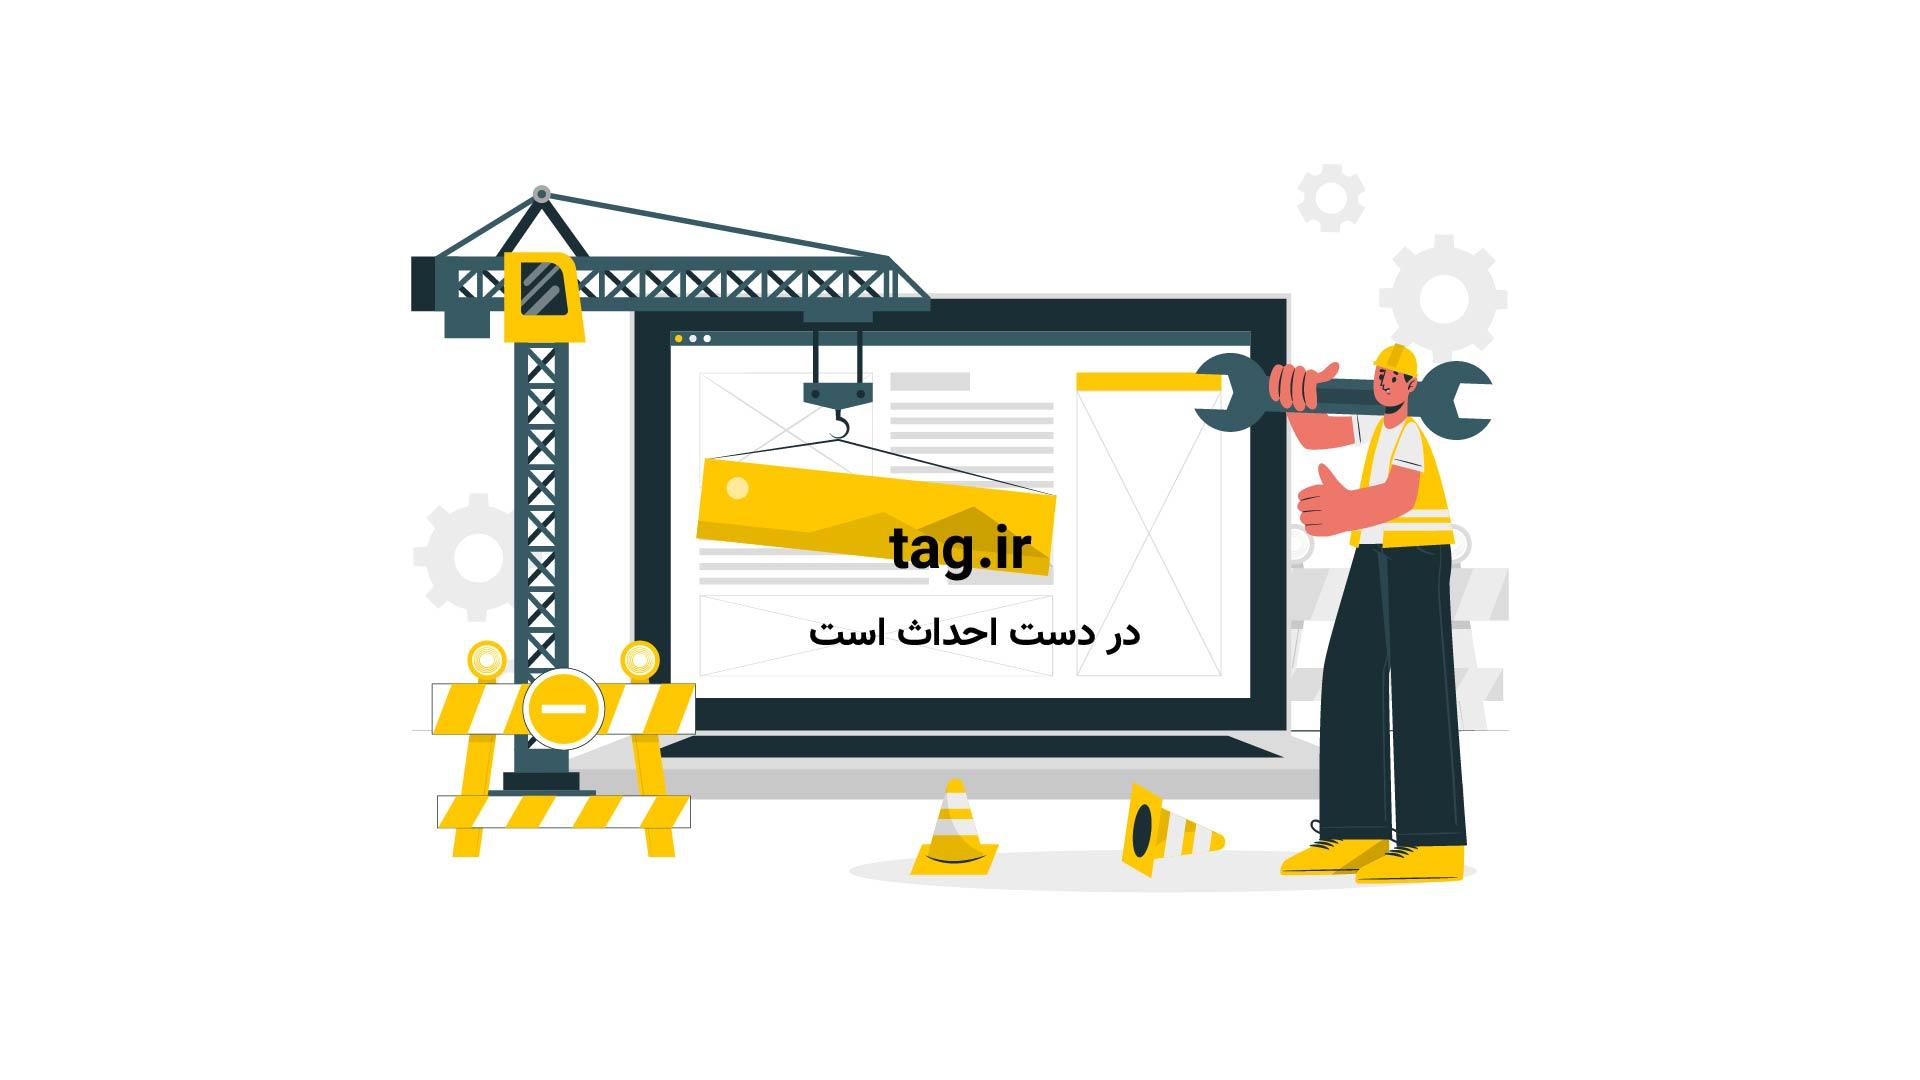 فیلم اختصاصی مرحوم آیت الله هاشمی رفسنجانی در محضر امام(ره)